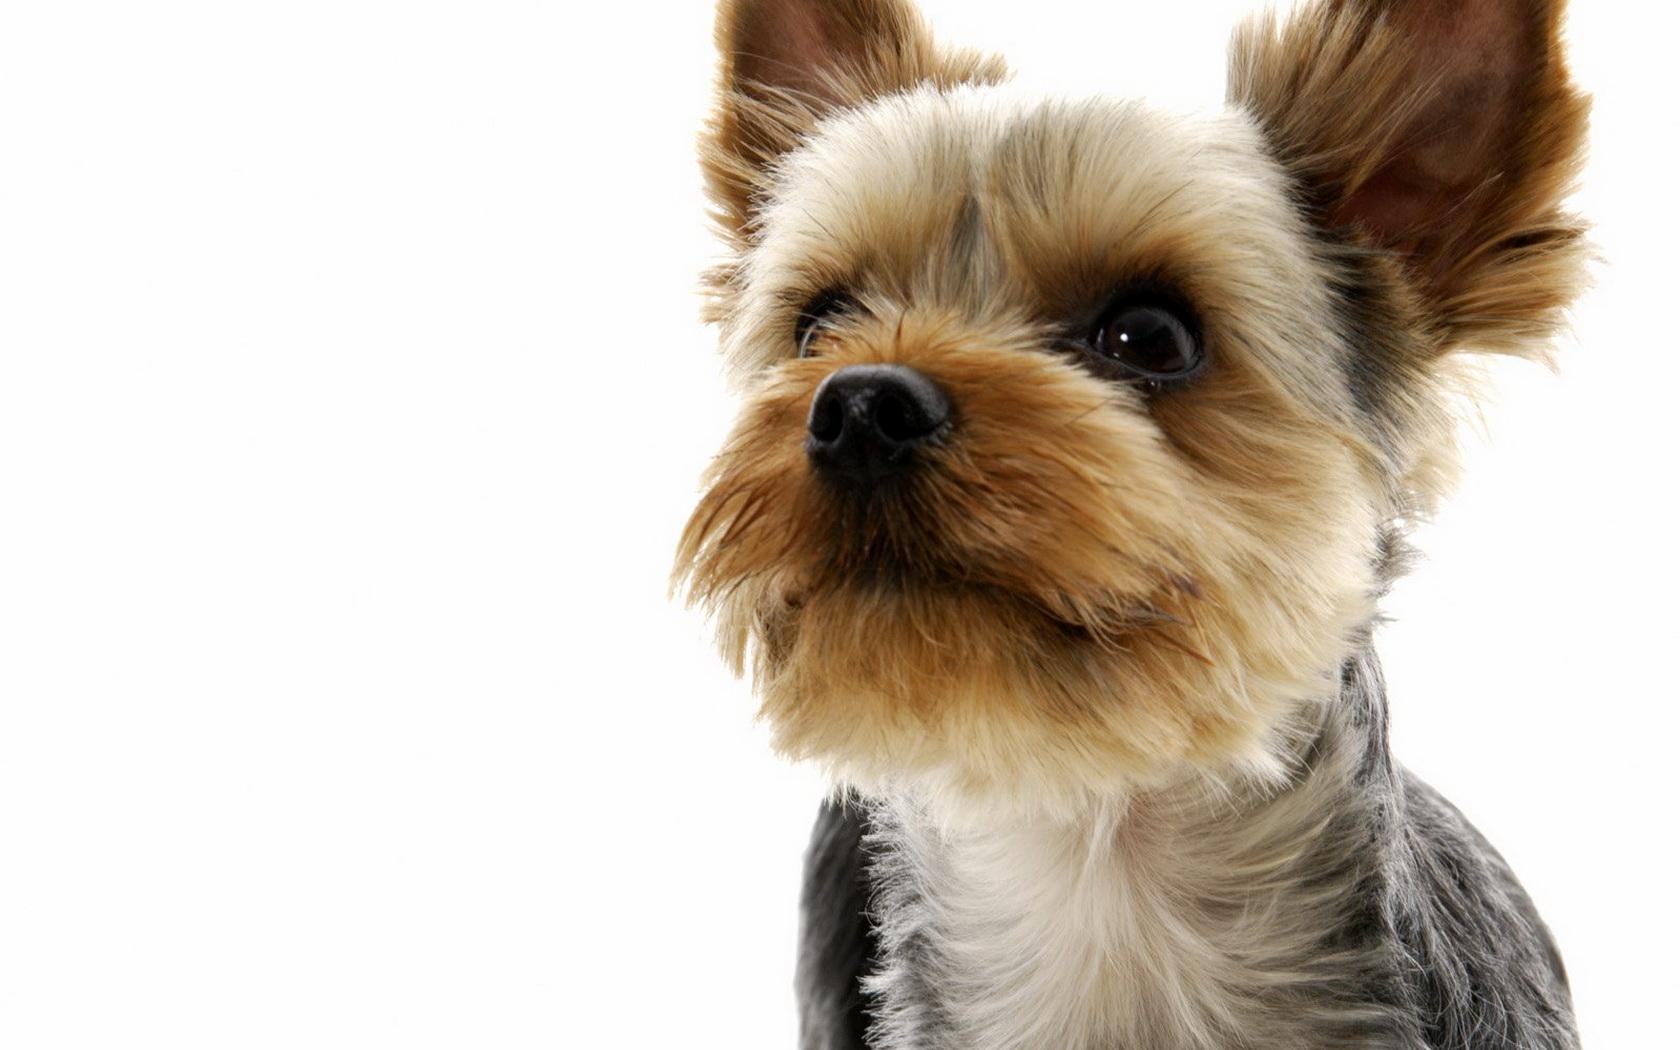 Yorkie Puppies Photos Pictures Wallpaper Desktop Dogs Desktop 1680x1050